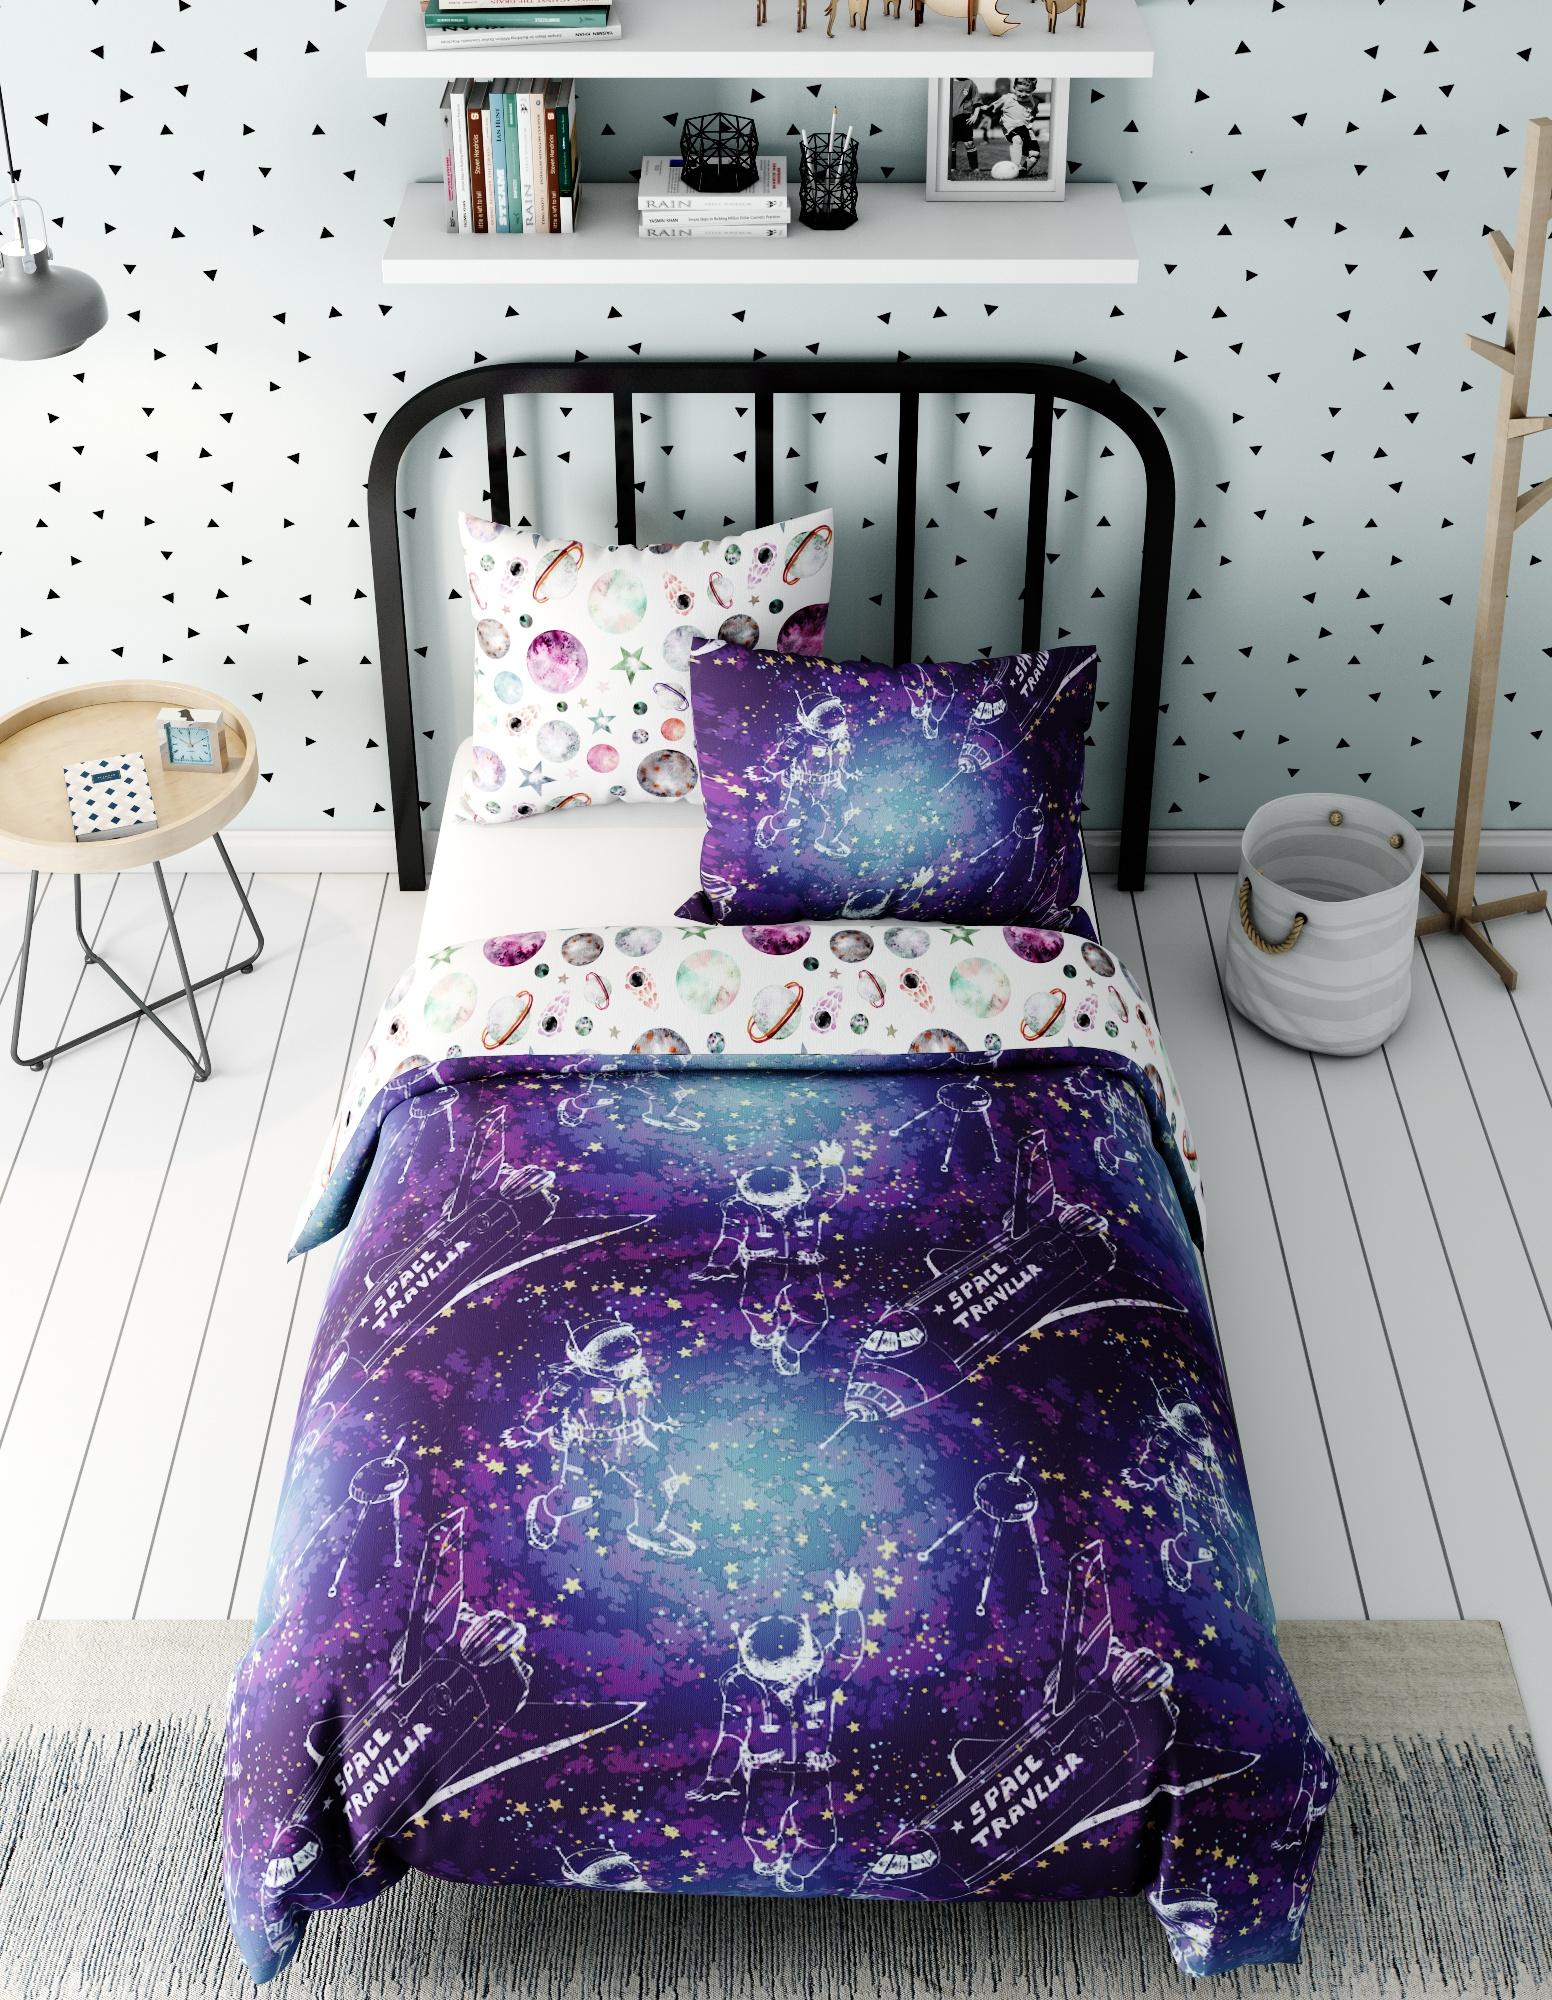 Комплект в кроватку Marengotextile Космос, фиолетовый, белый